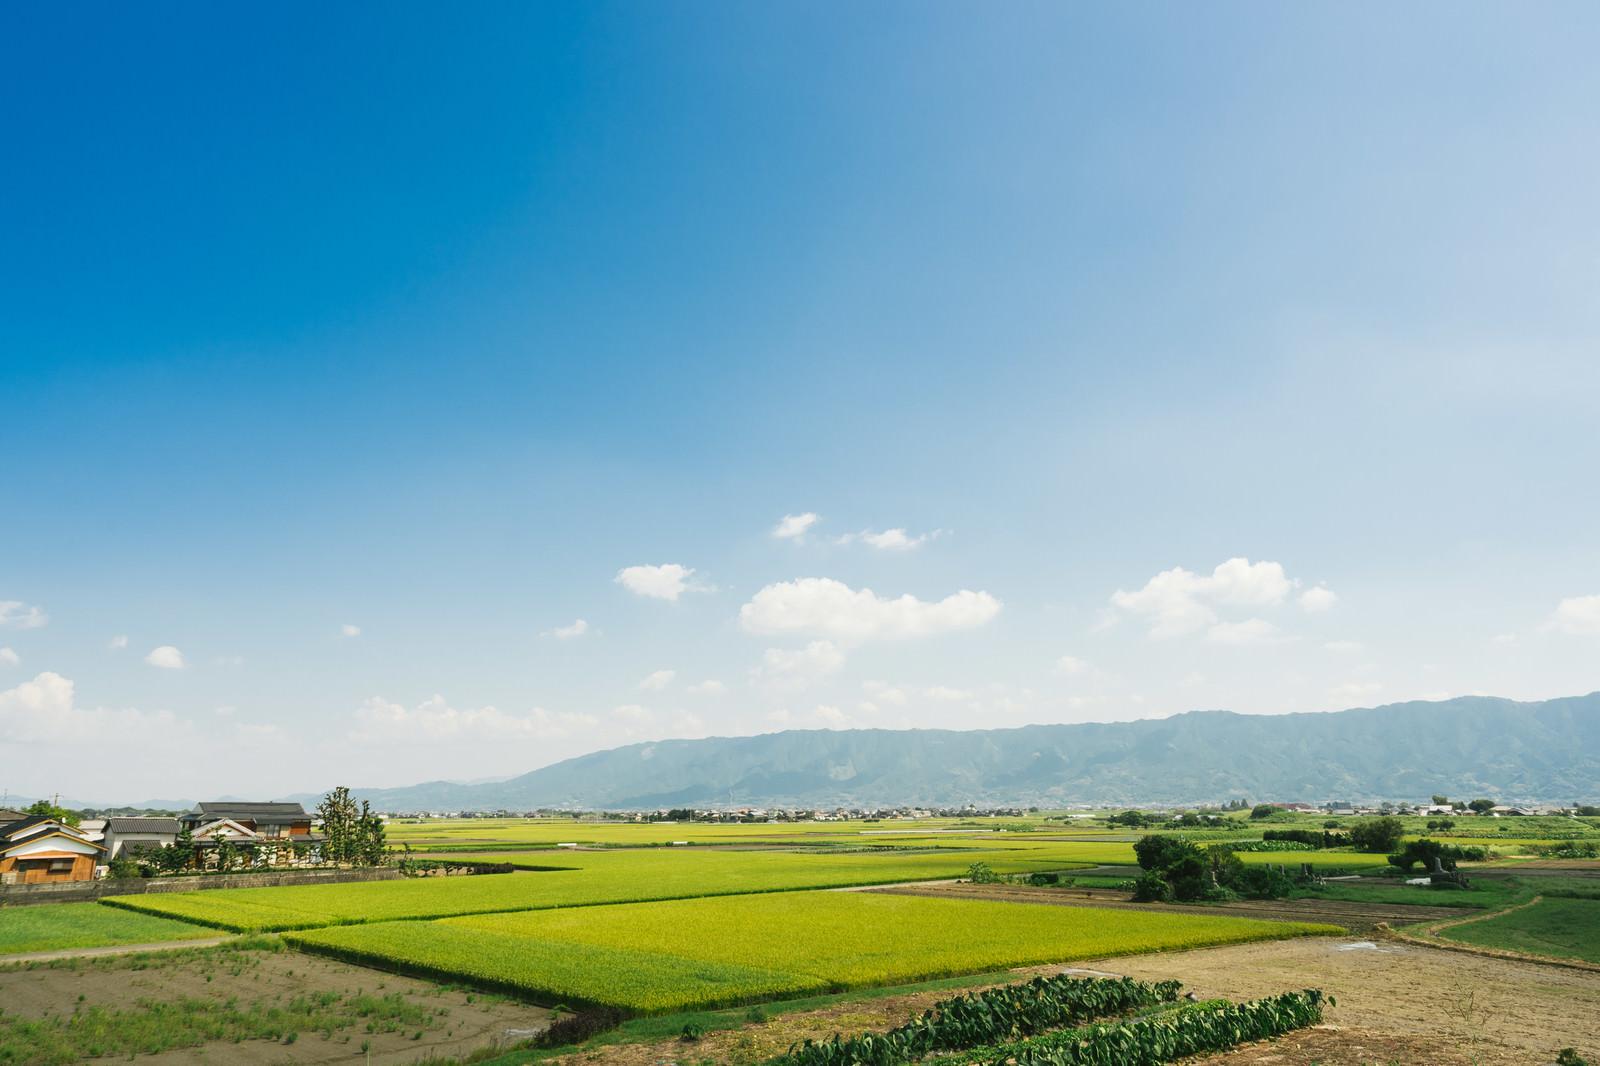 「大刀洗(筑後平野)の田園風景大刀洗(筑後平野)の田園風景」のフリー写真素材を拡大